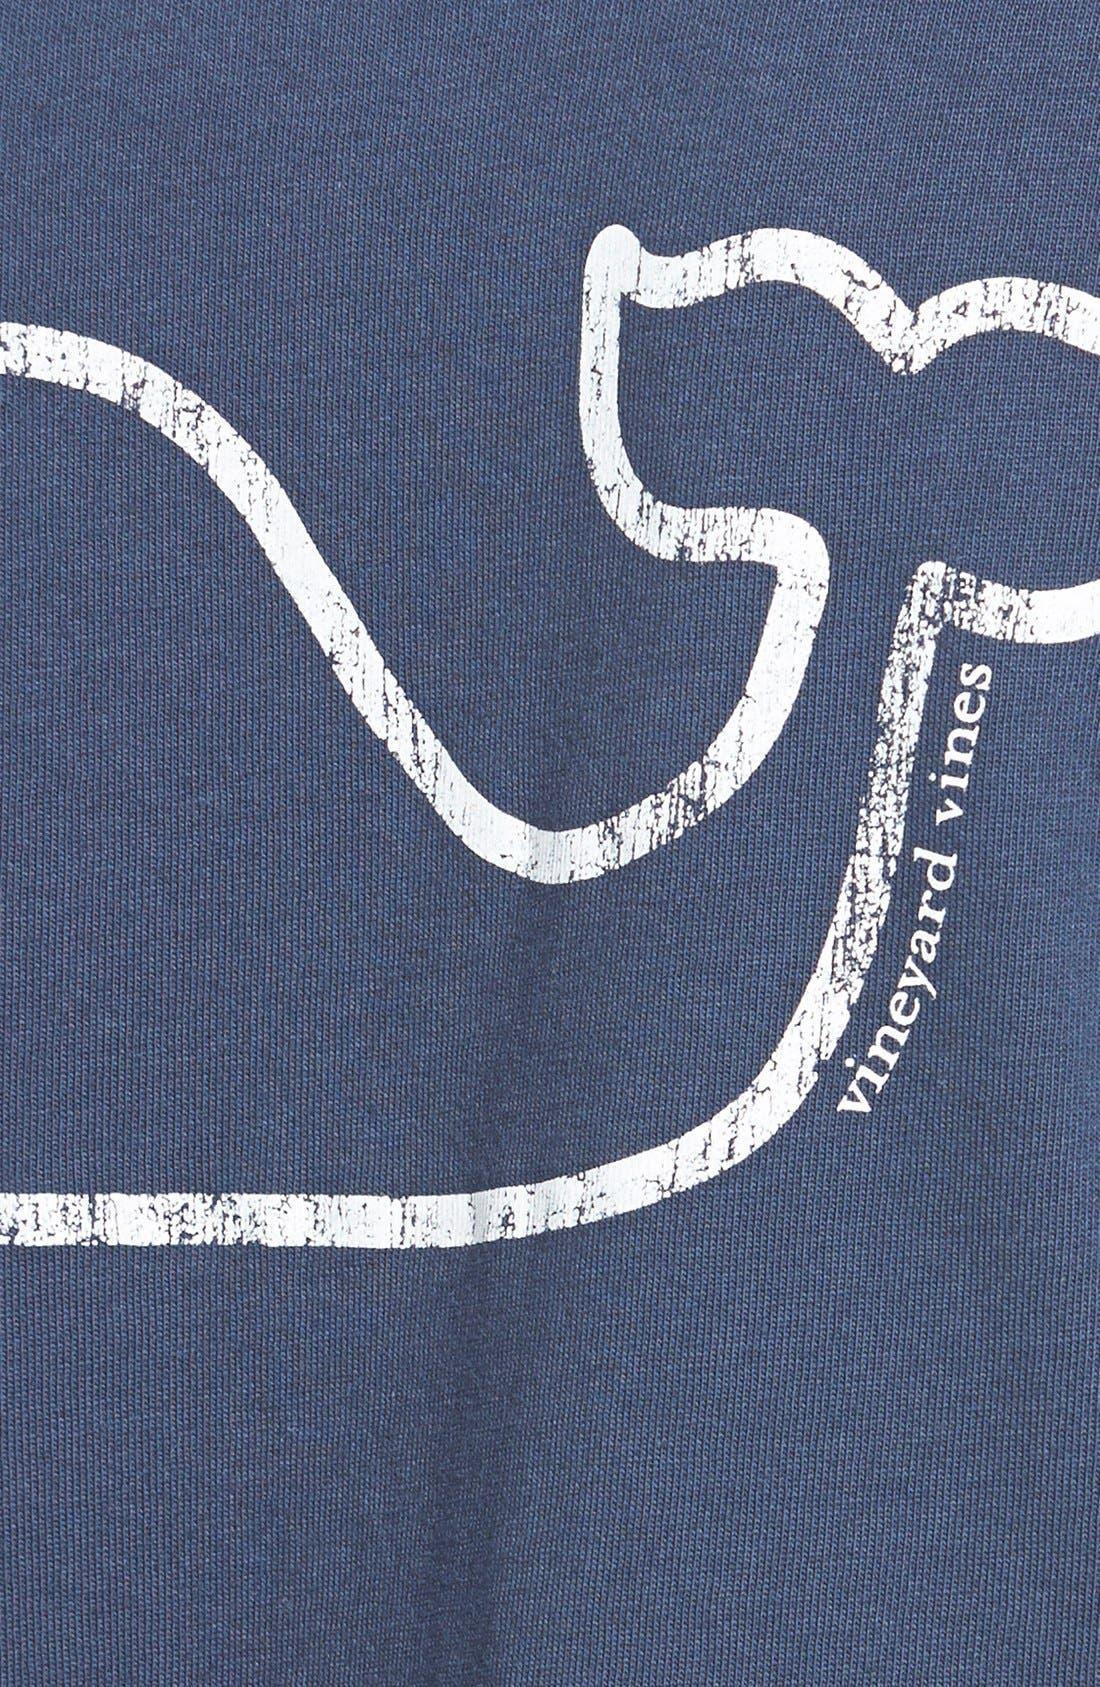 Alternate Image 3  - Vineyard Vines Whale Print Long Sleeve Tee